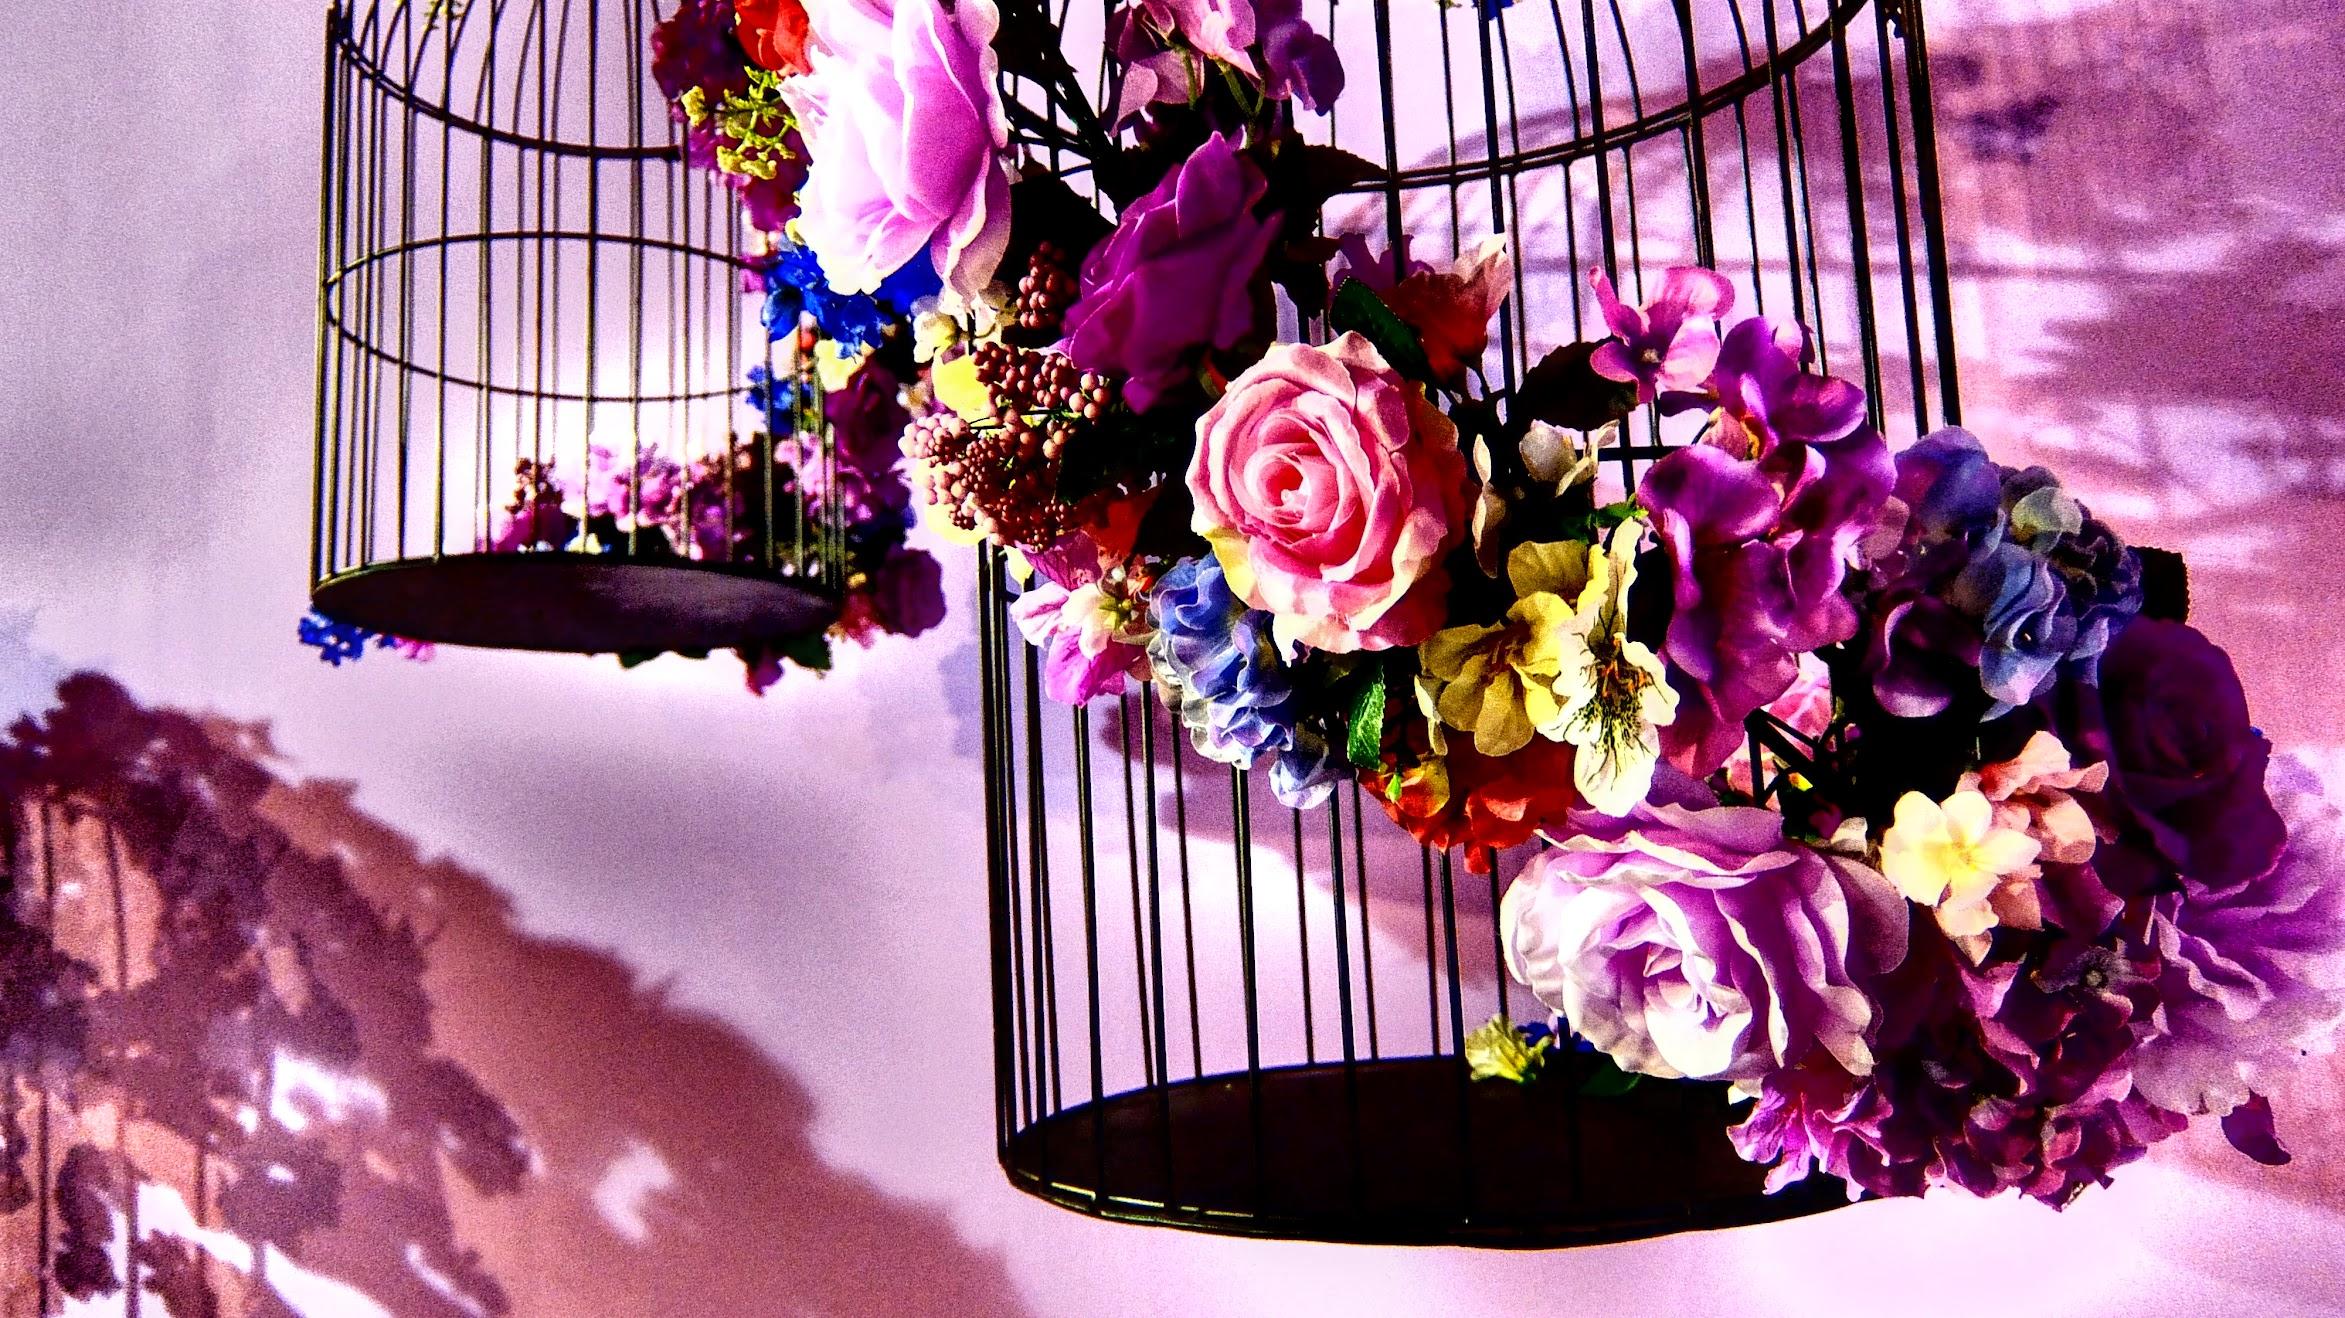 有許多乾燥花/鳥籠的裝置藝術